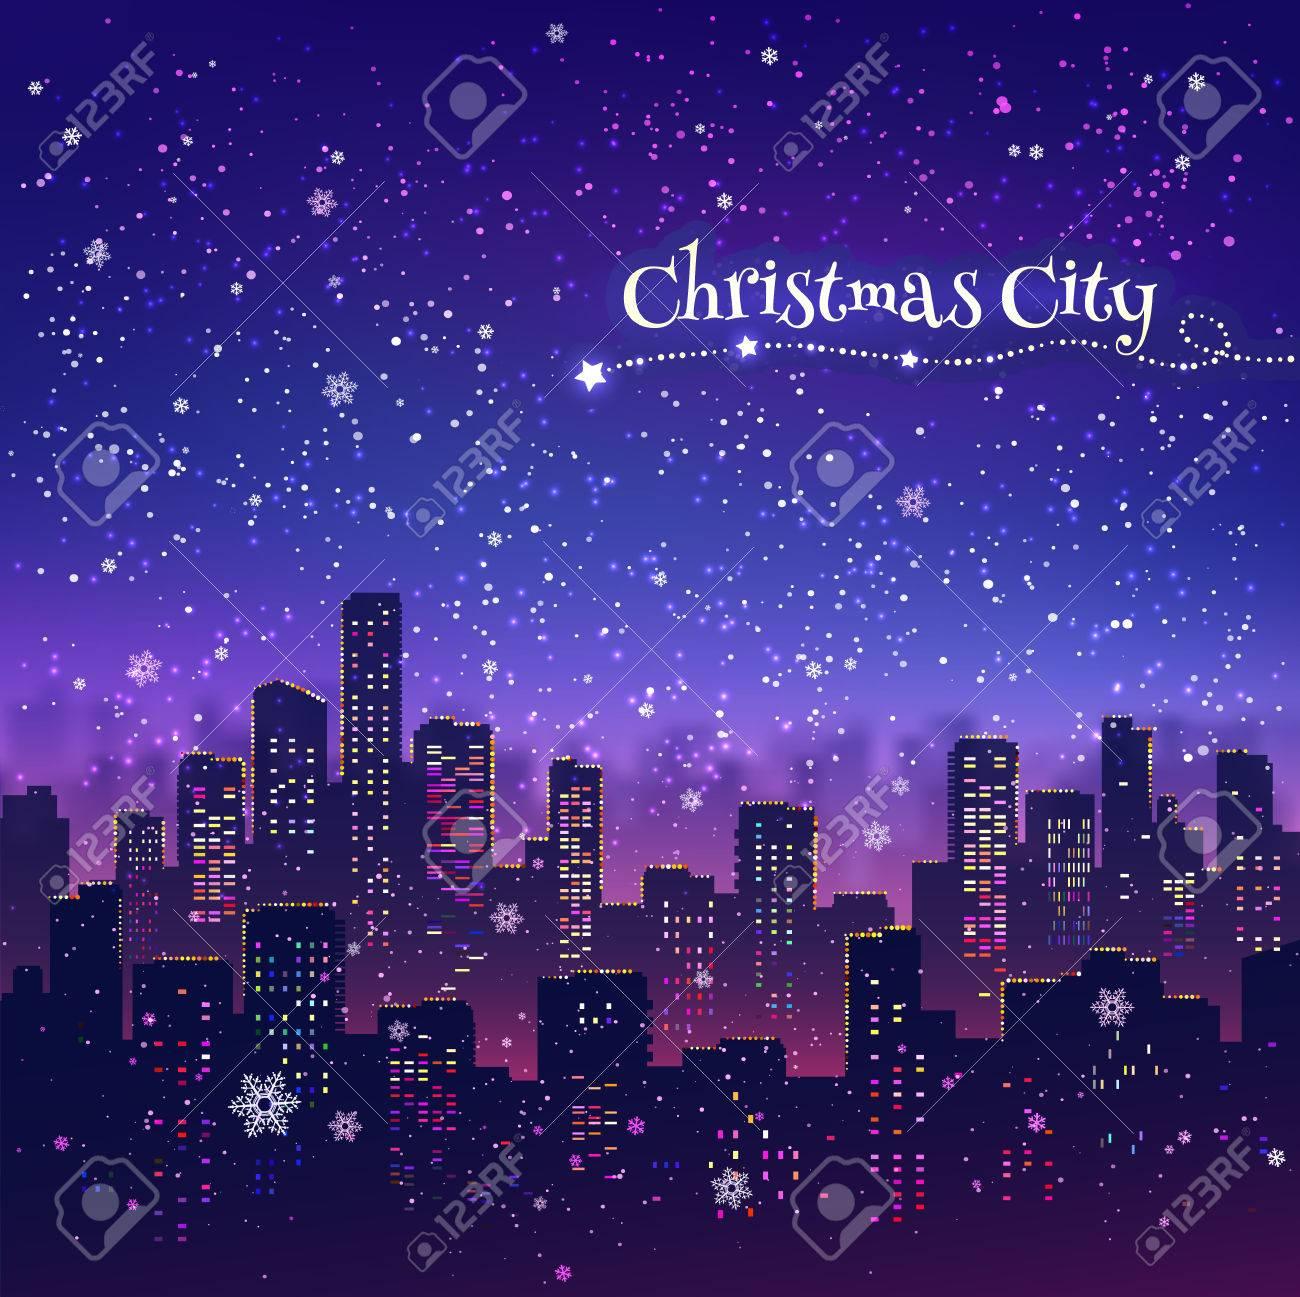 夜の街並みはクリスマスの背景に雪が降るライトのイラスト素材